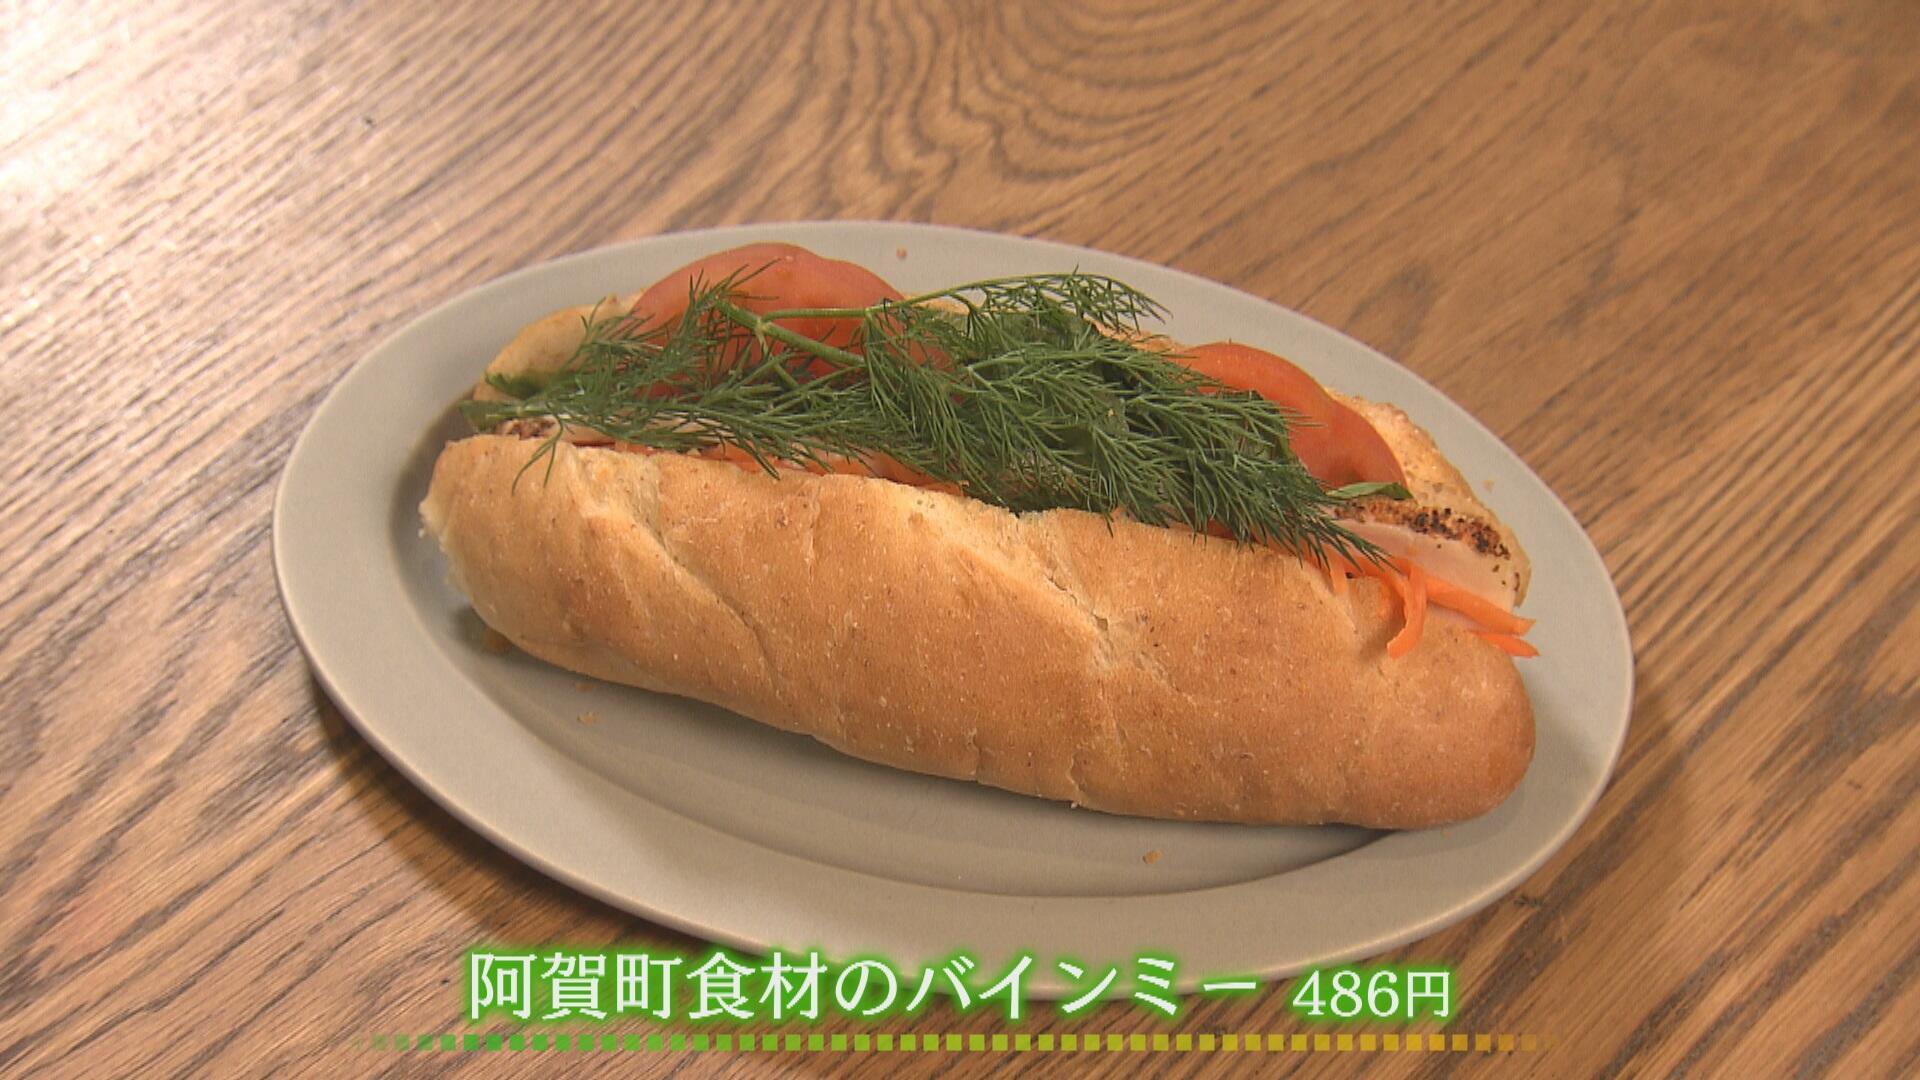 パンとおやつ <br>奥阿賀コンビリー_画像1